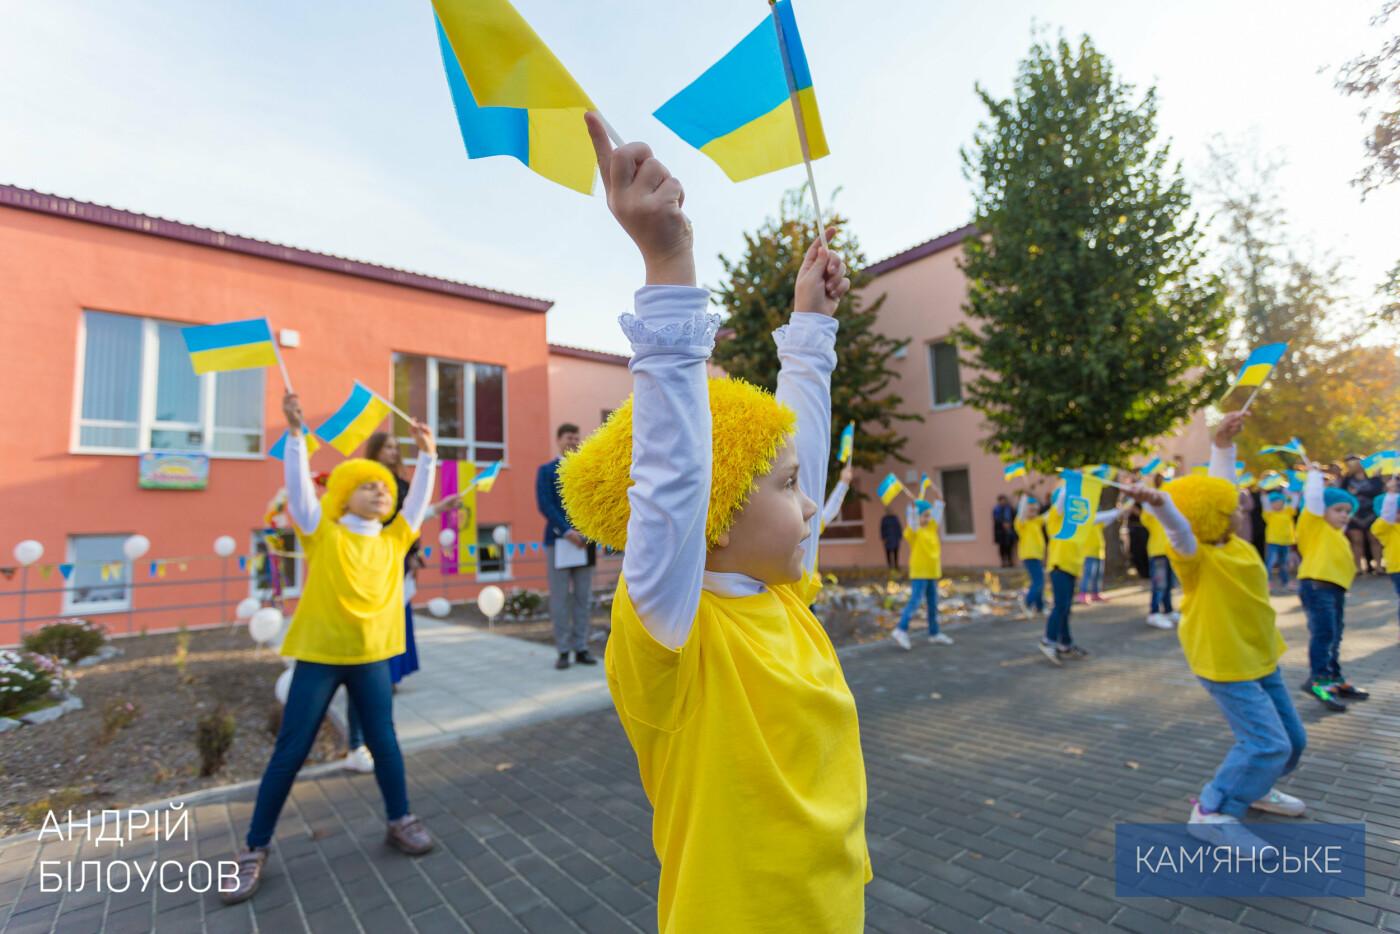 В Каменском на Черемушках открыли после реконструкции новый детский сад на 110 мест, фото-5